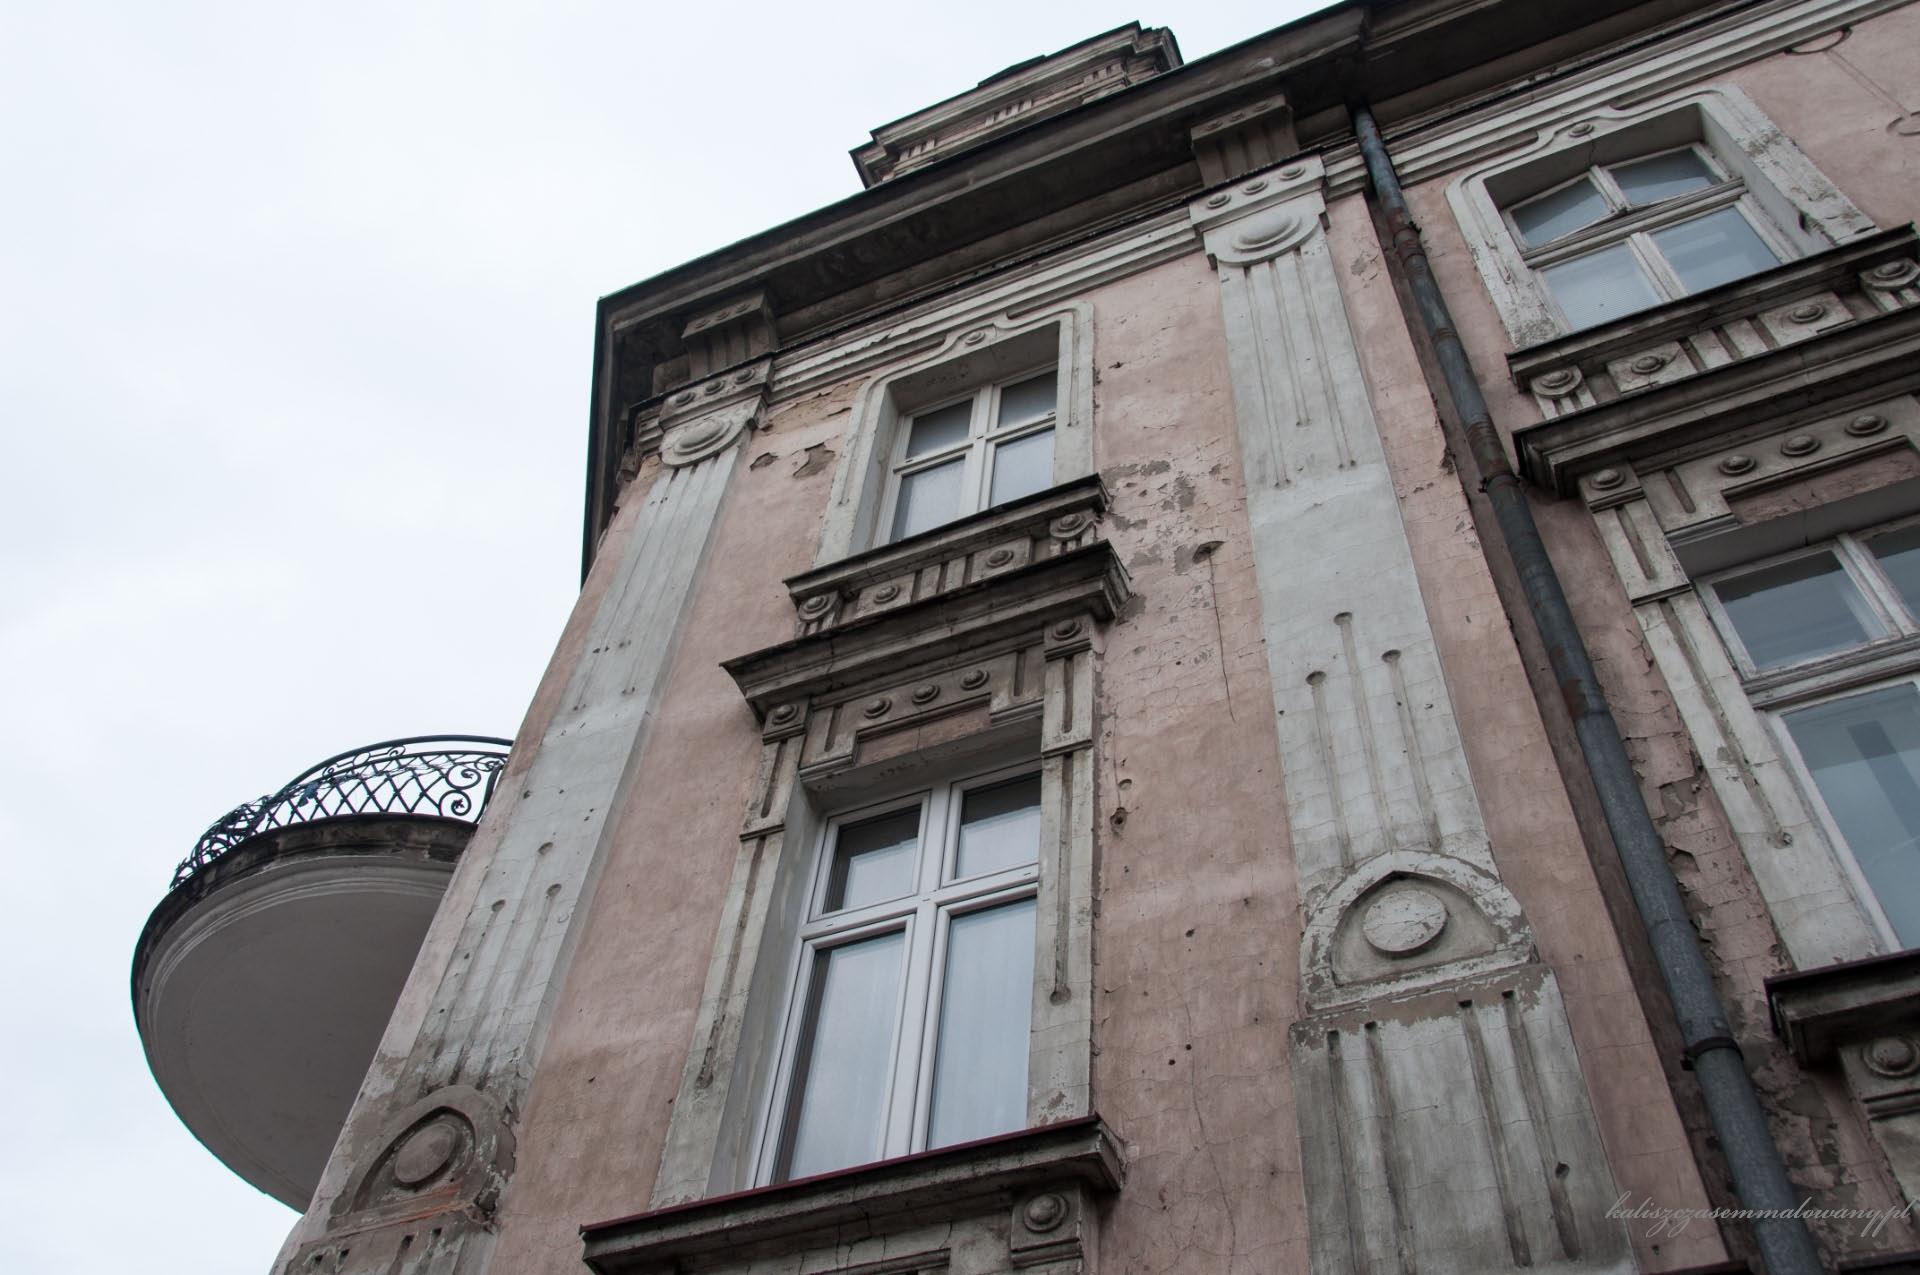 Gornoslaska27-03